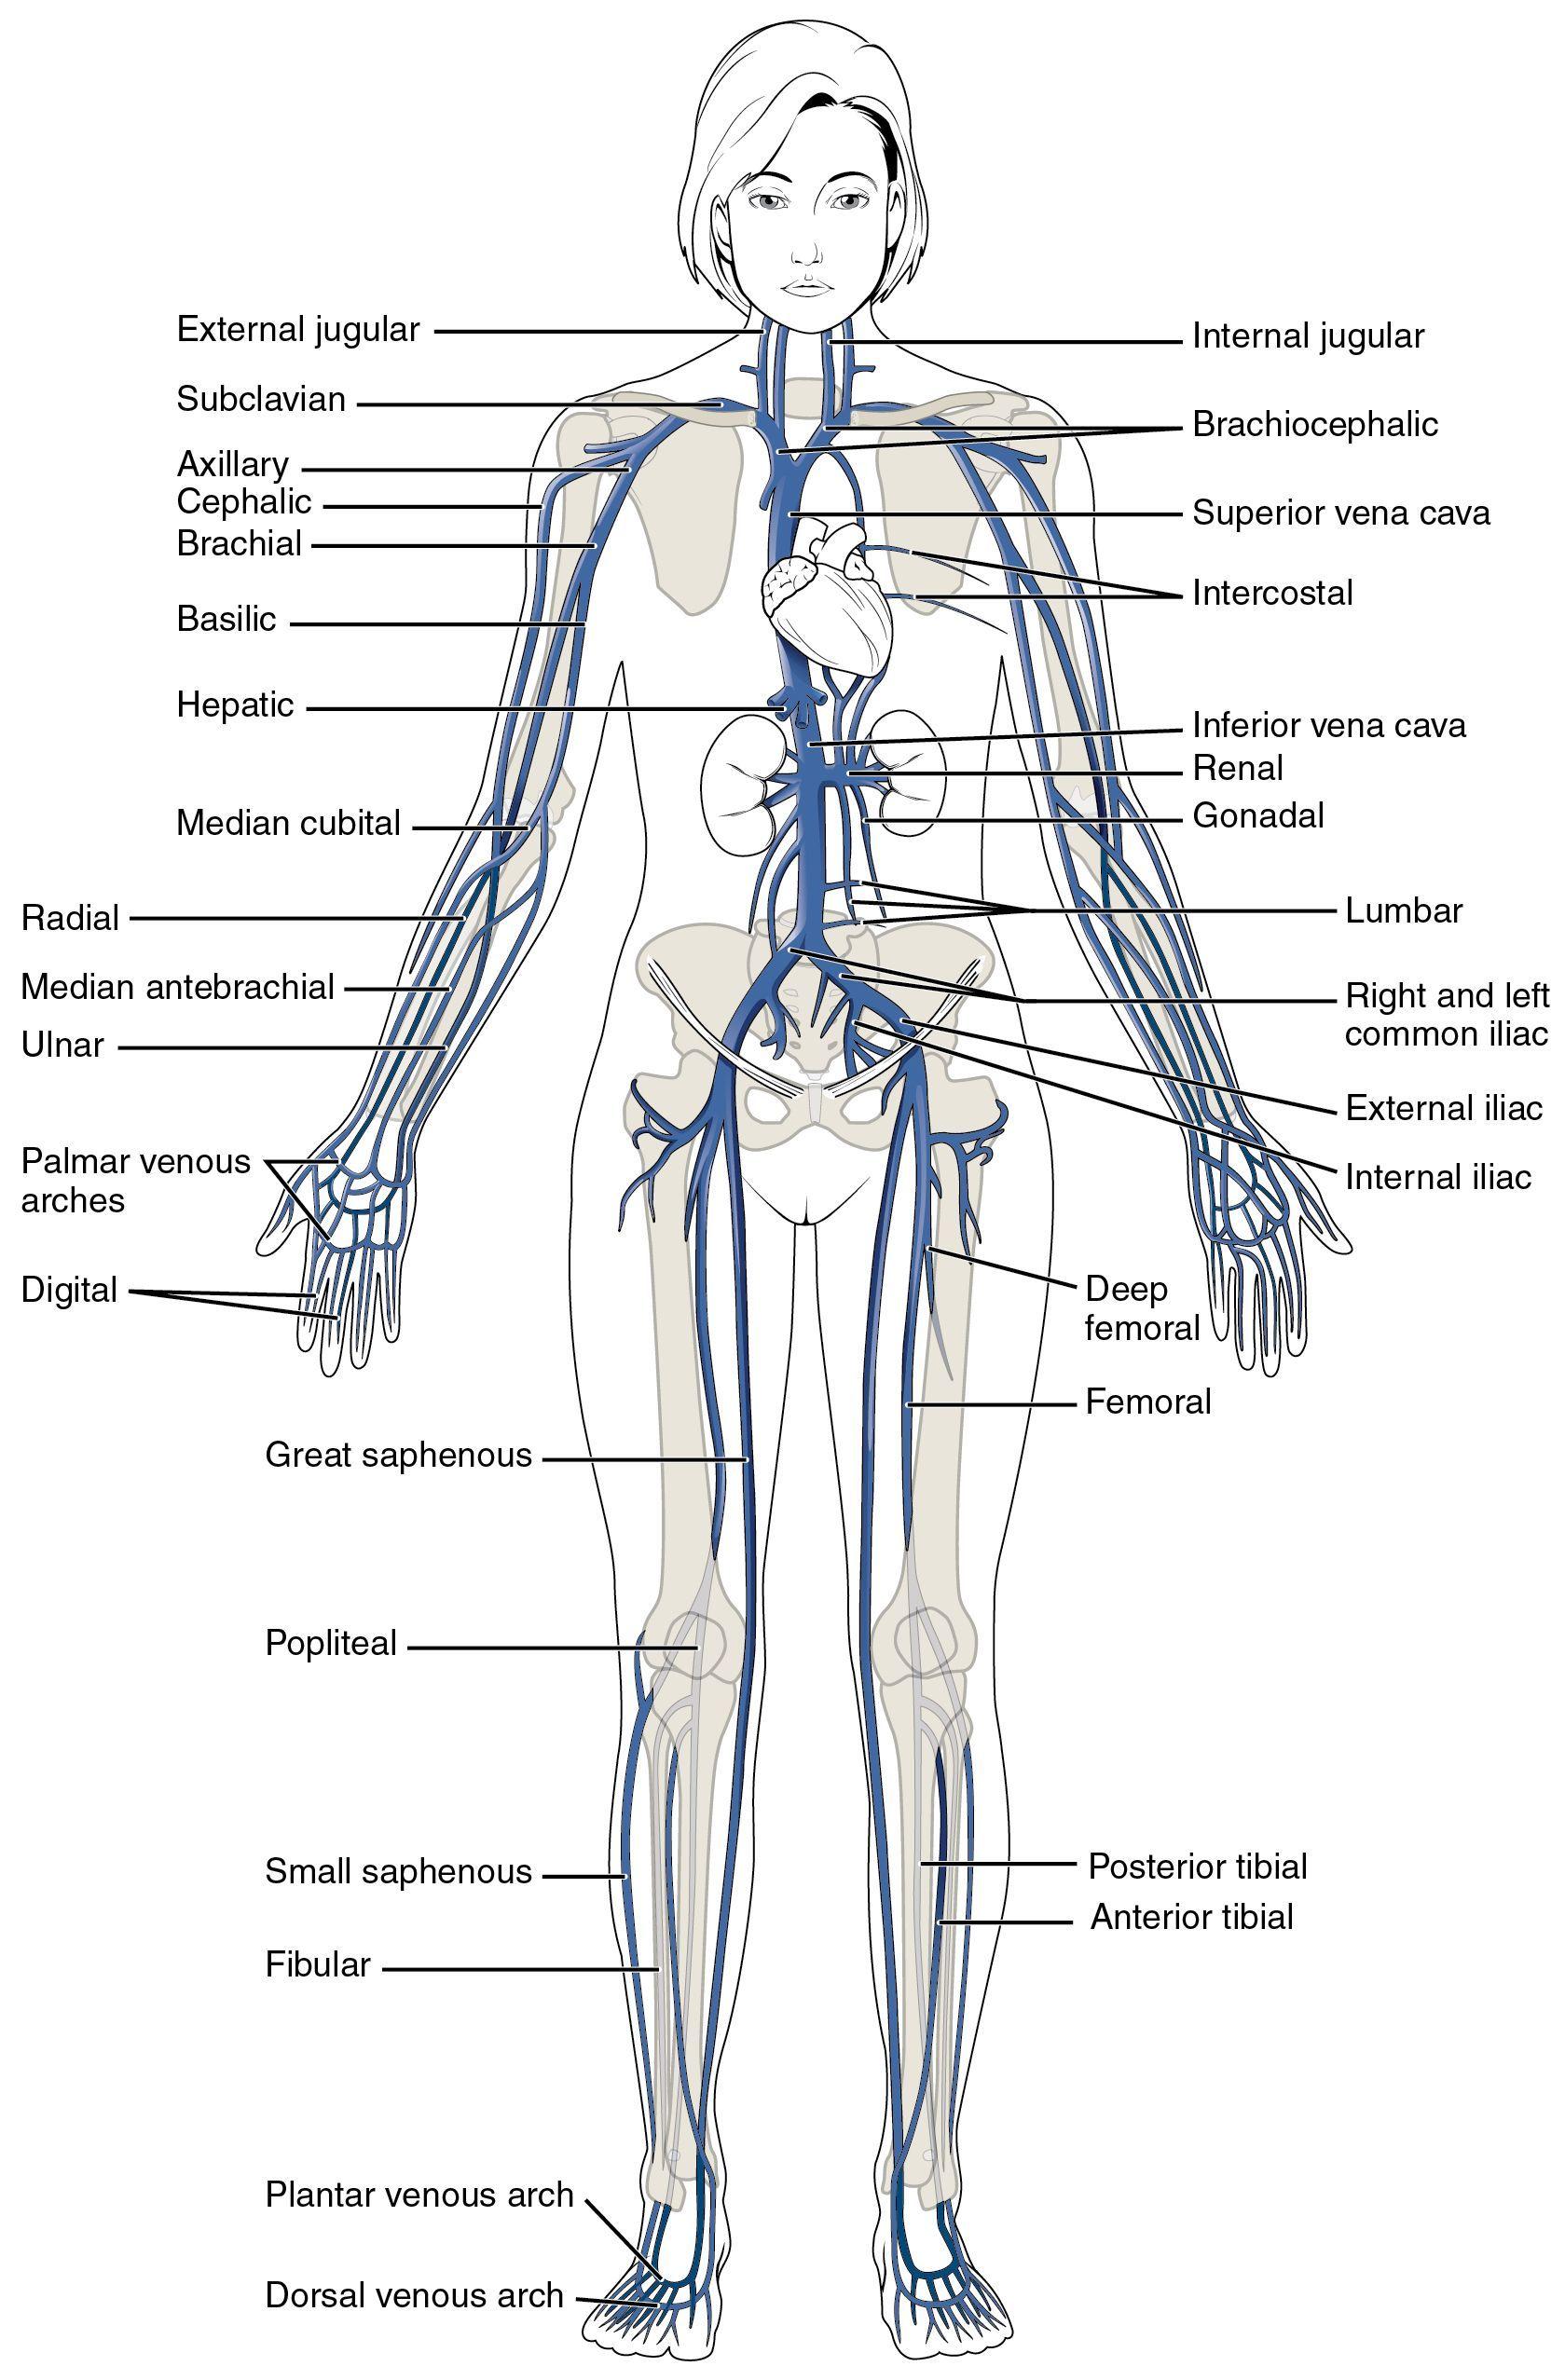 superior body diagram unlabeled data diagram schematic superior body diagram unlabeled [ 1679 x 2554 Pixel ]